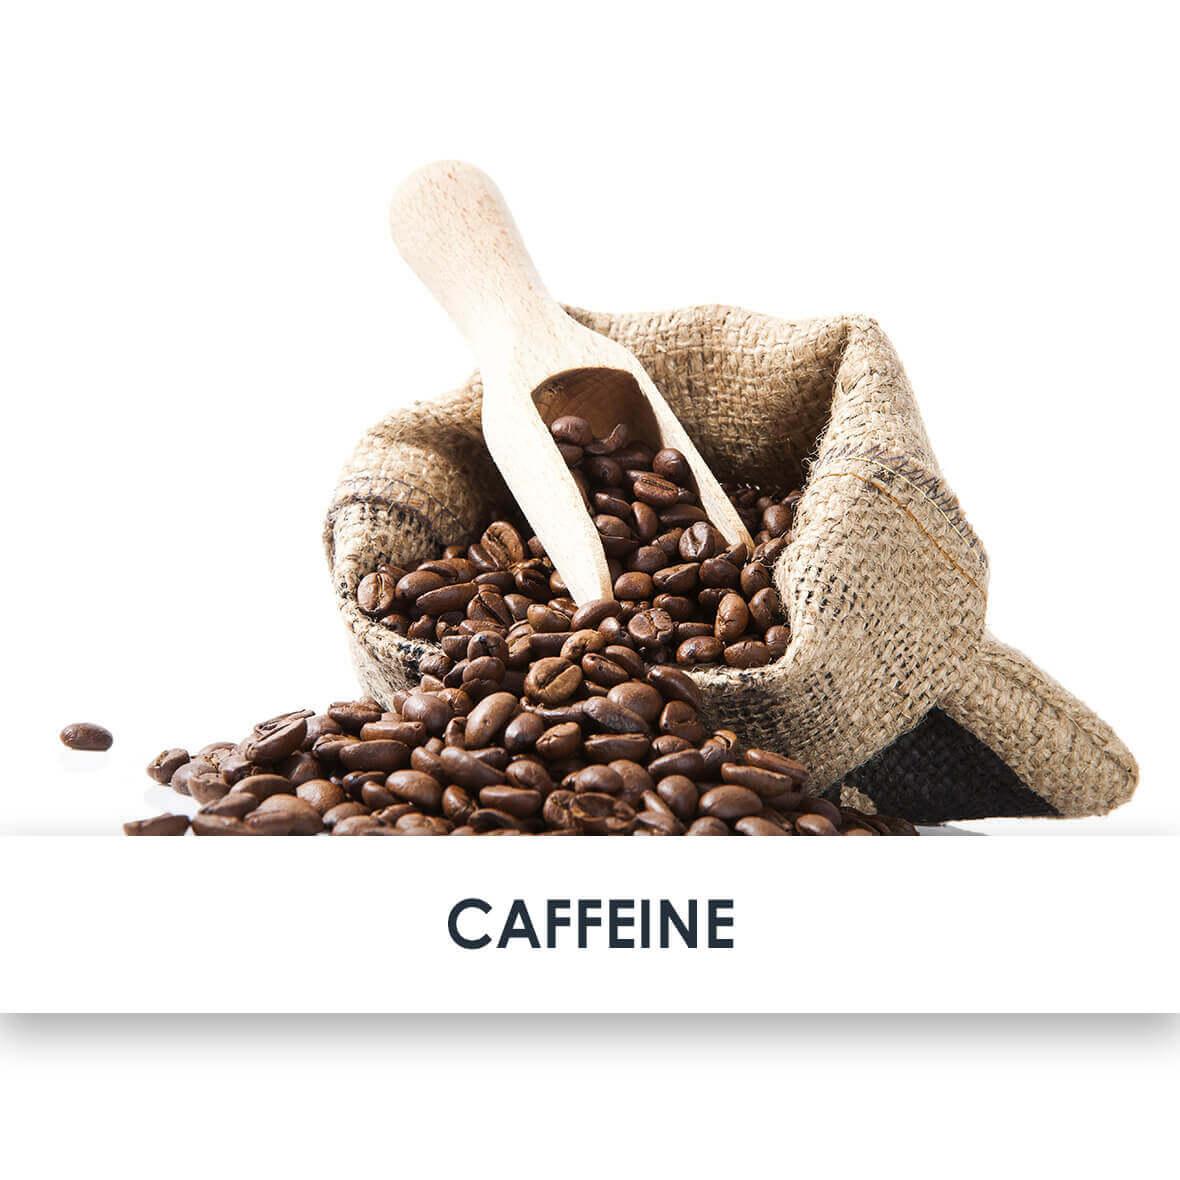 Caffeine Skincare Benefits